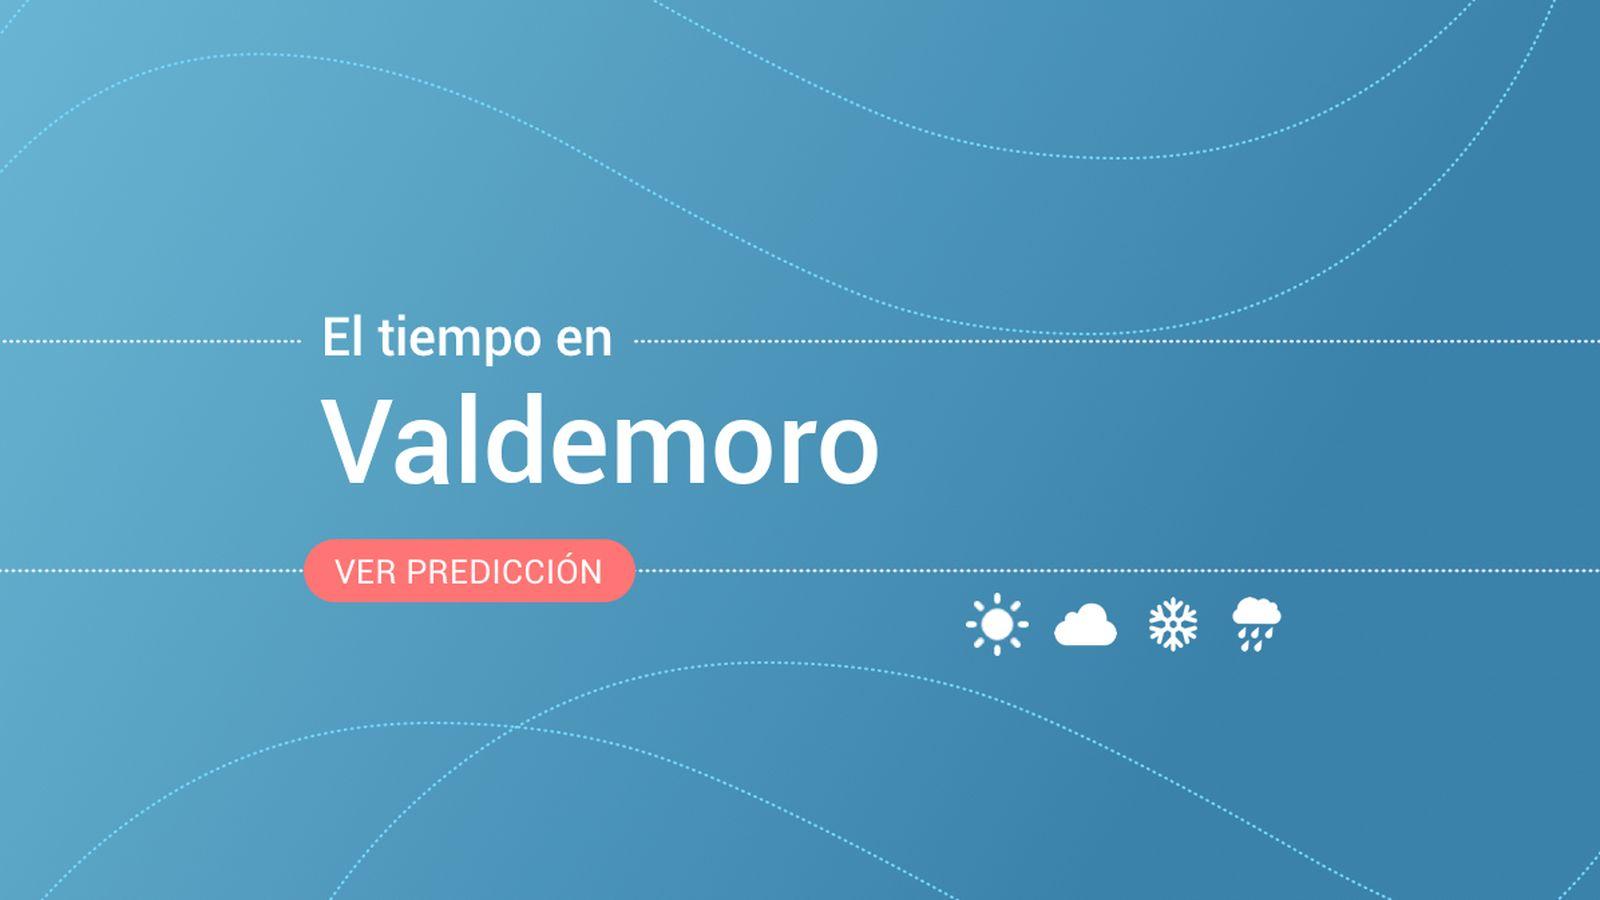 Foto: El tiempo en Valdemoro. (EC)